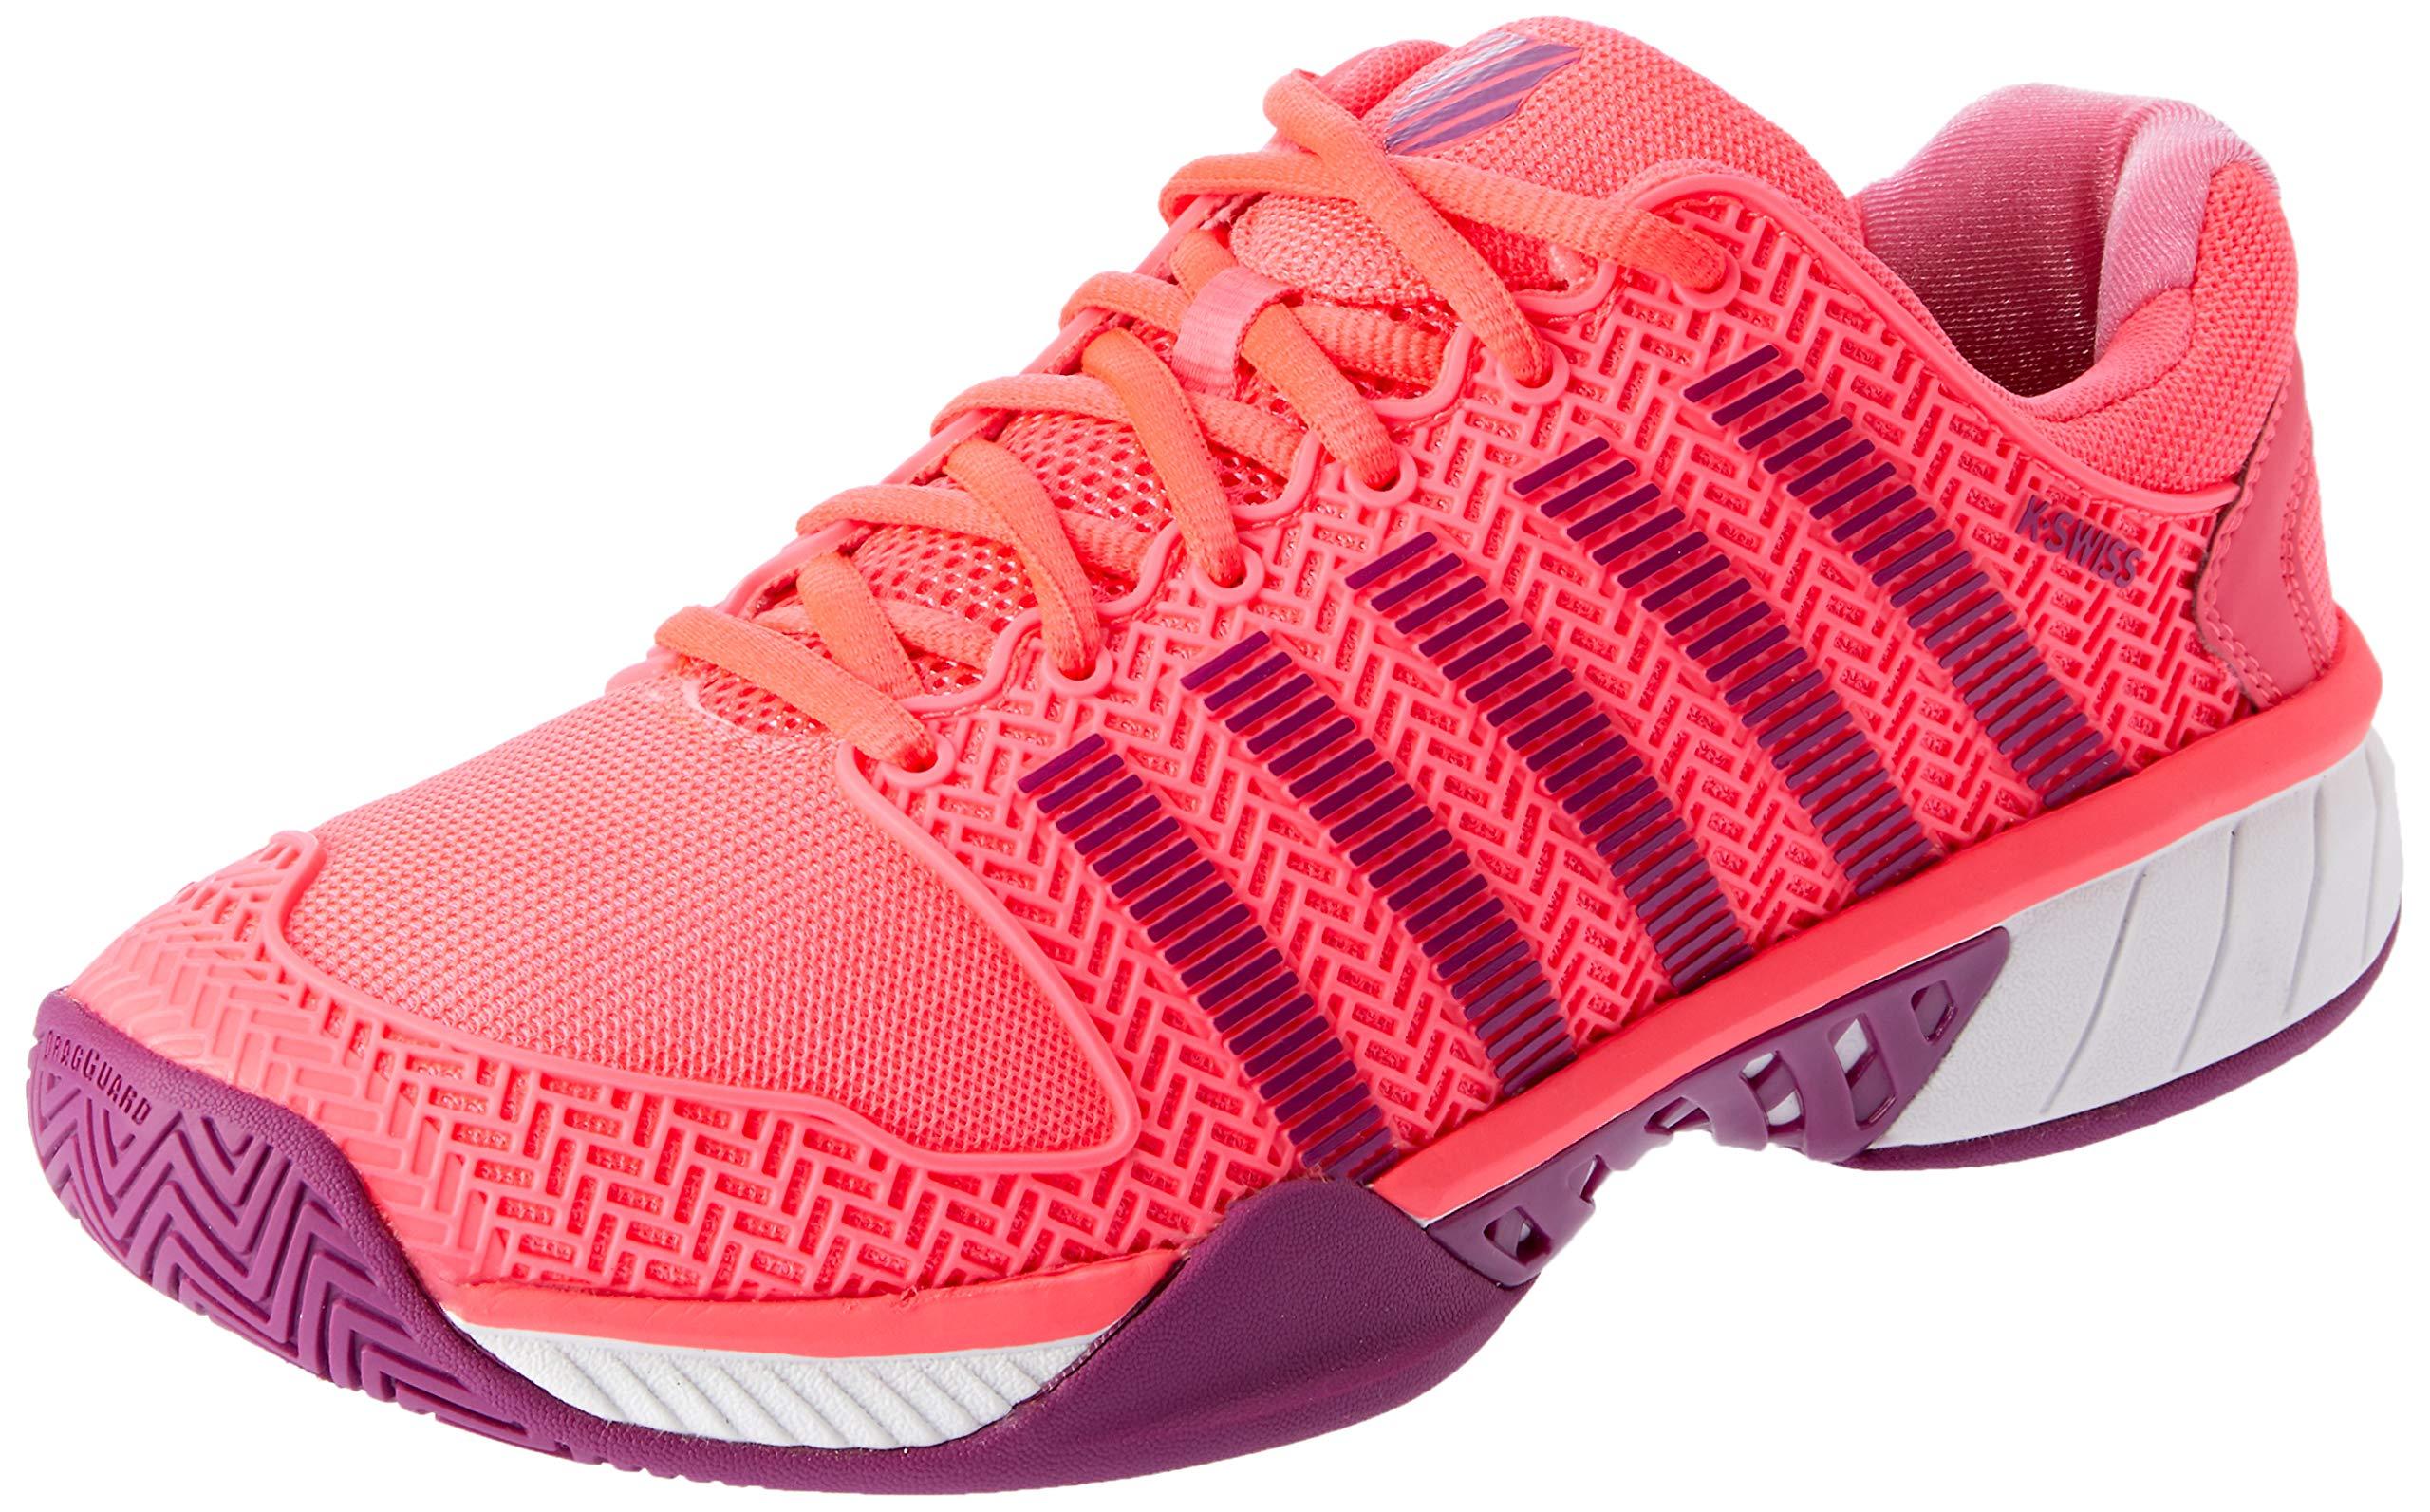 K-Swiss Hypercourt Express Womens Tennis Shoe (Neon Pink/Deep Orchid) (8.5)